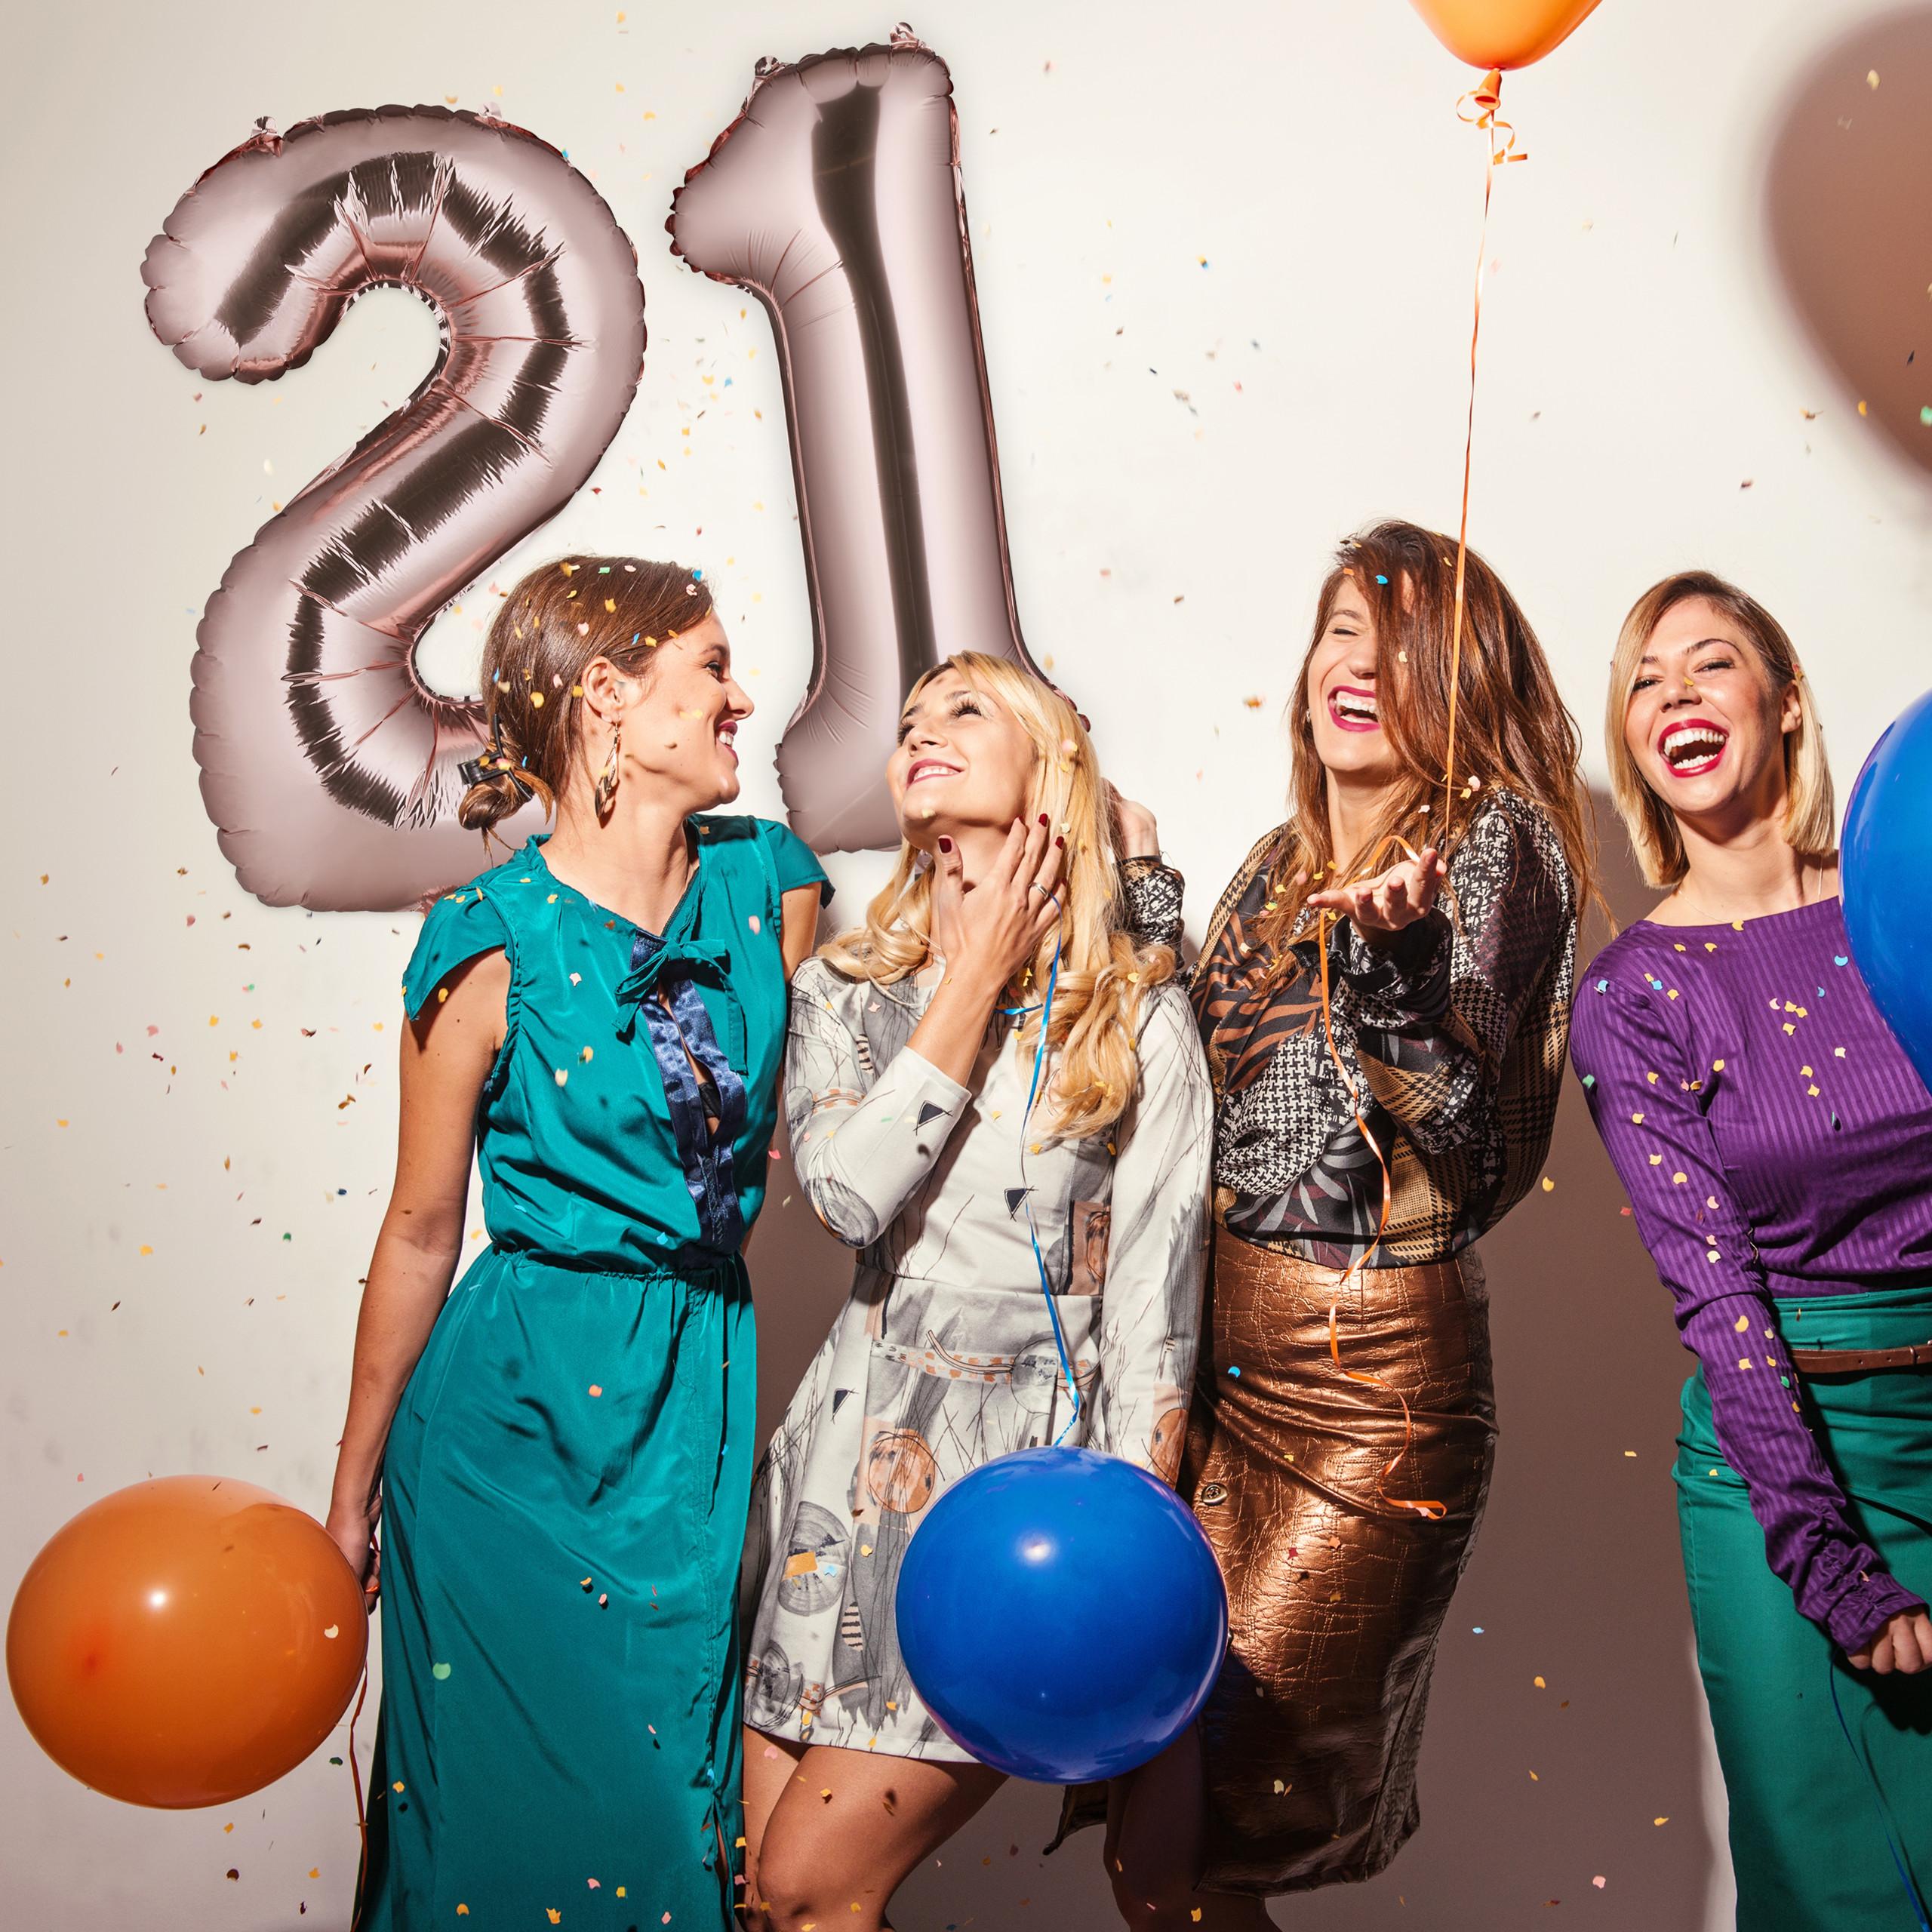 Ballon-chiffre-numero-21-gonflable-anniversaire-decoration-geant-mariage miniature 13